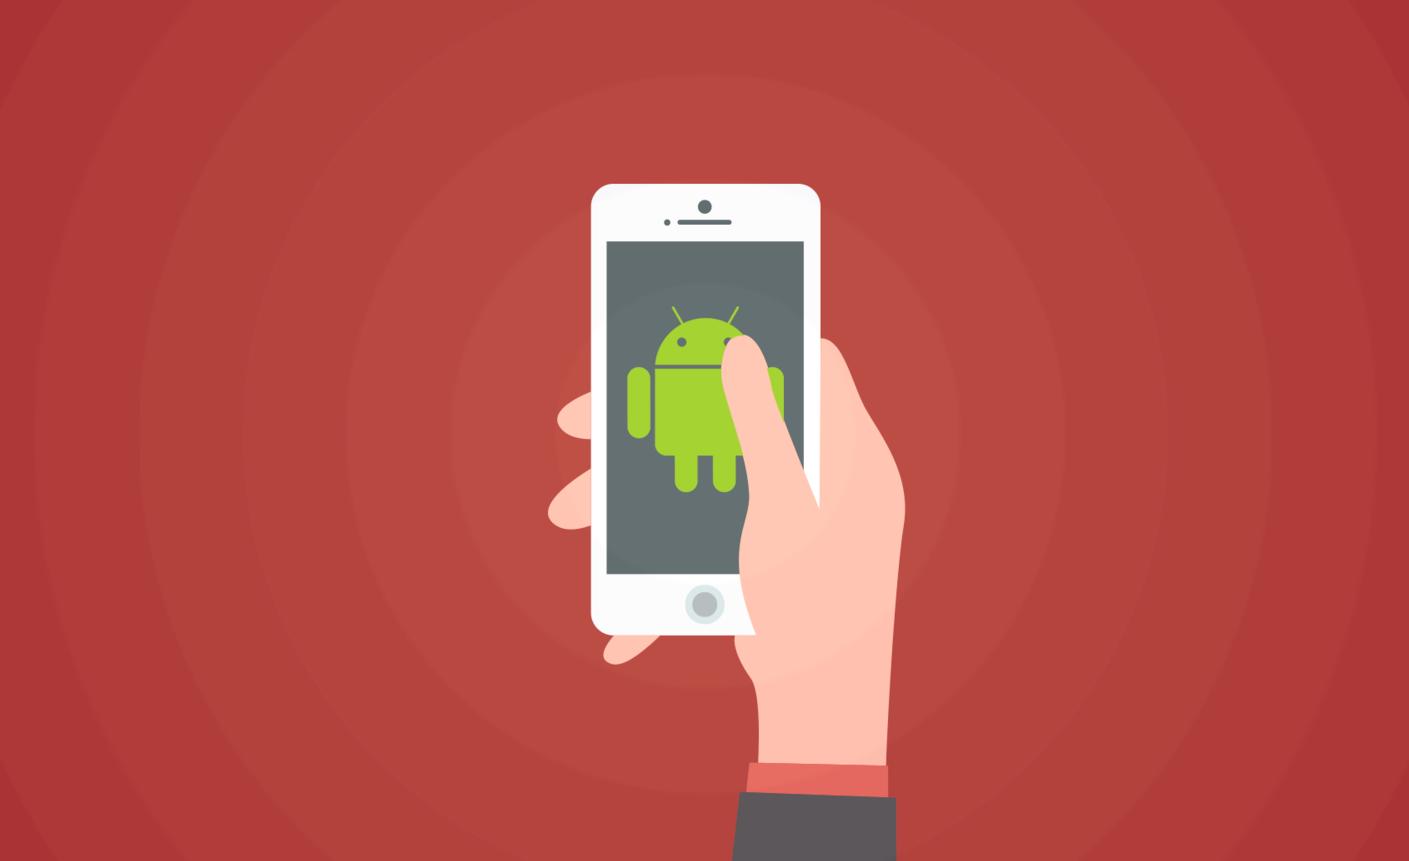 Обучение разработке приложений Android